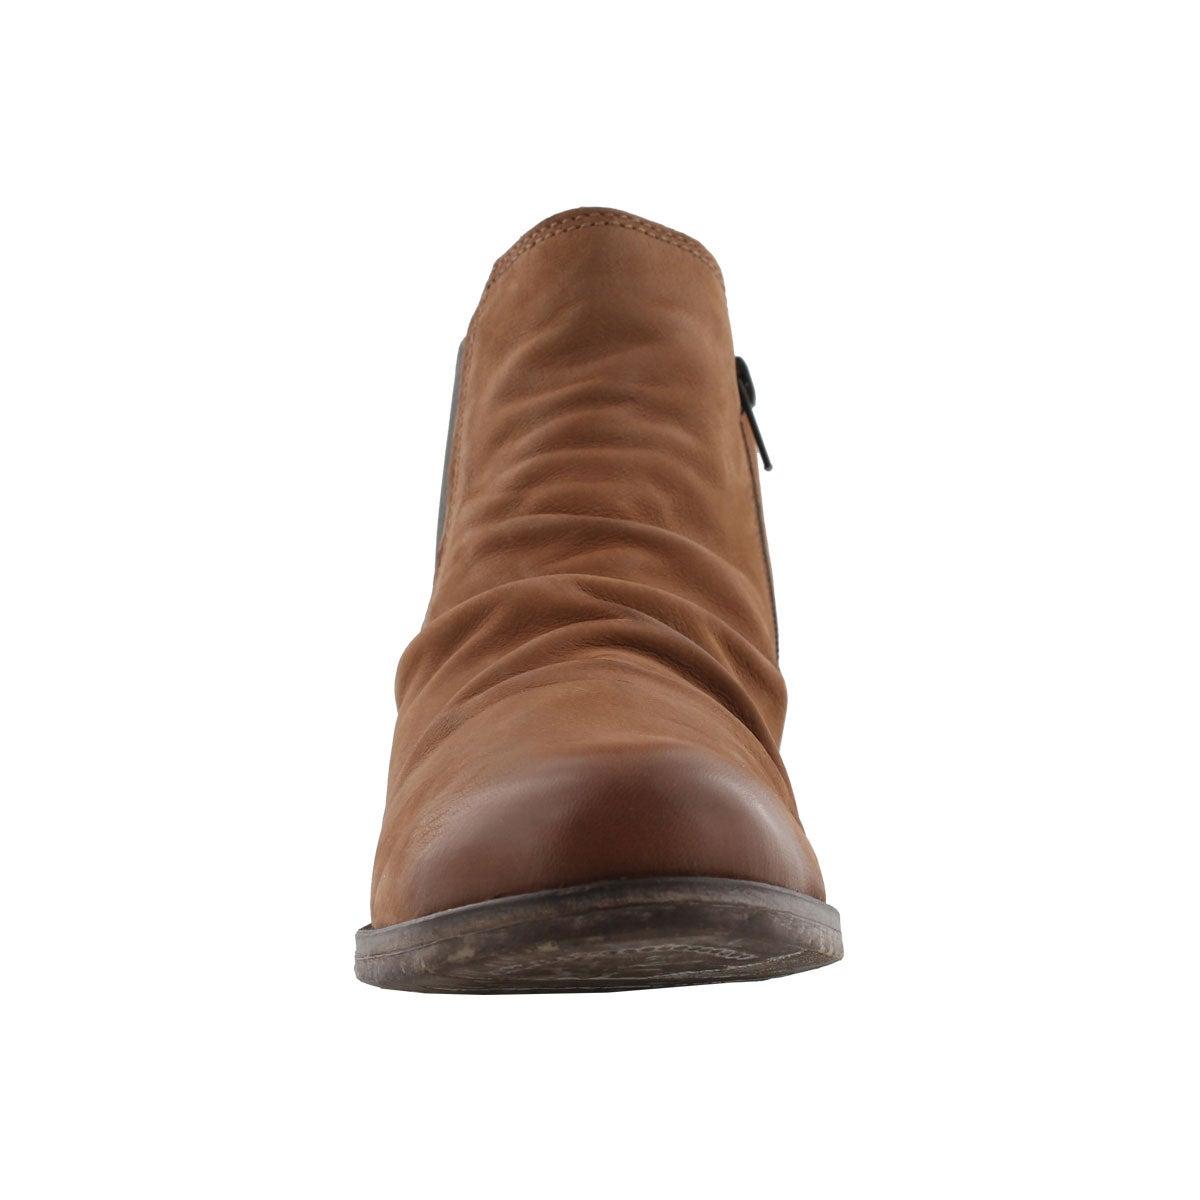 Lds Sienna 59 castagne slip on bootie